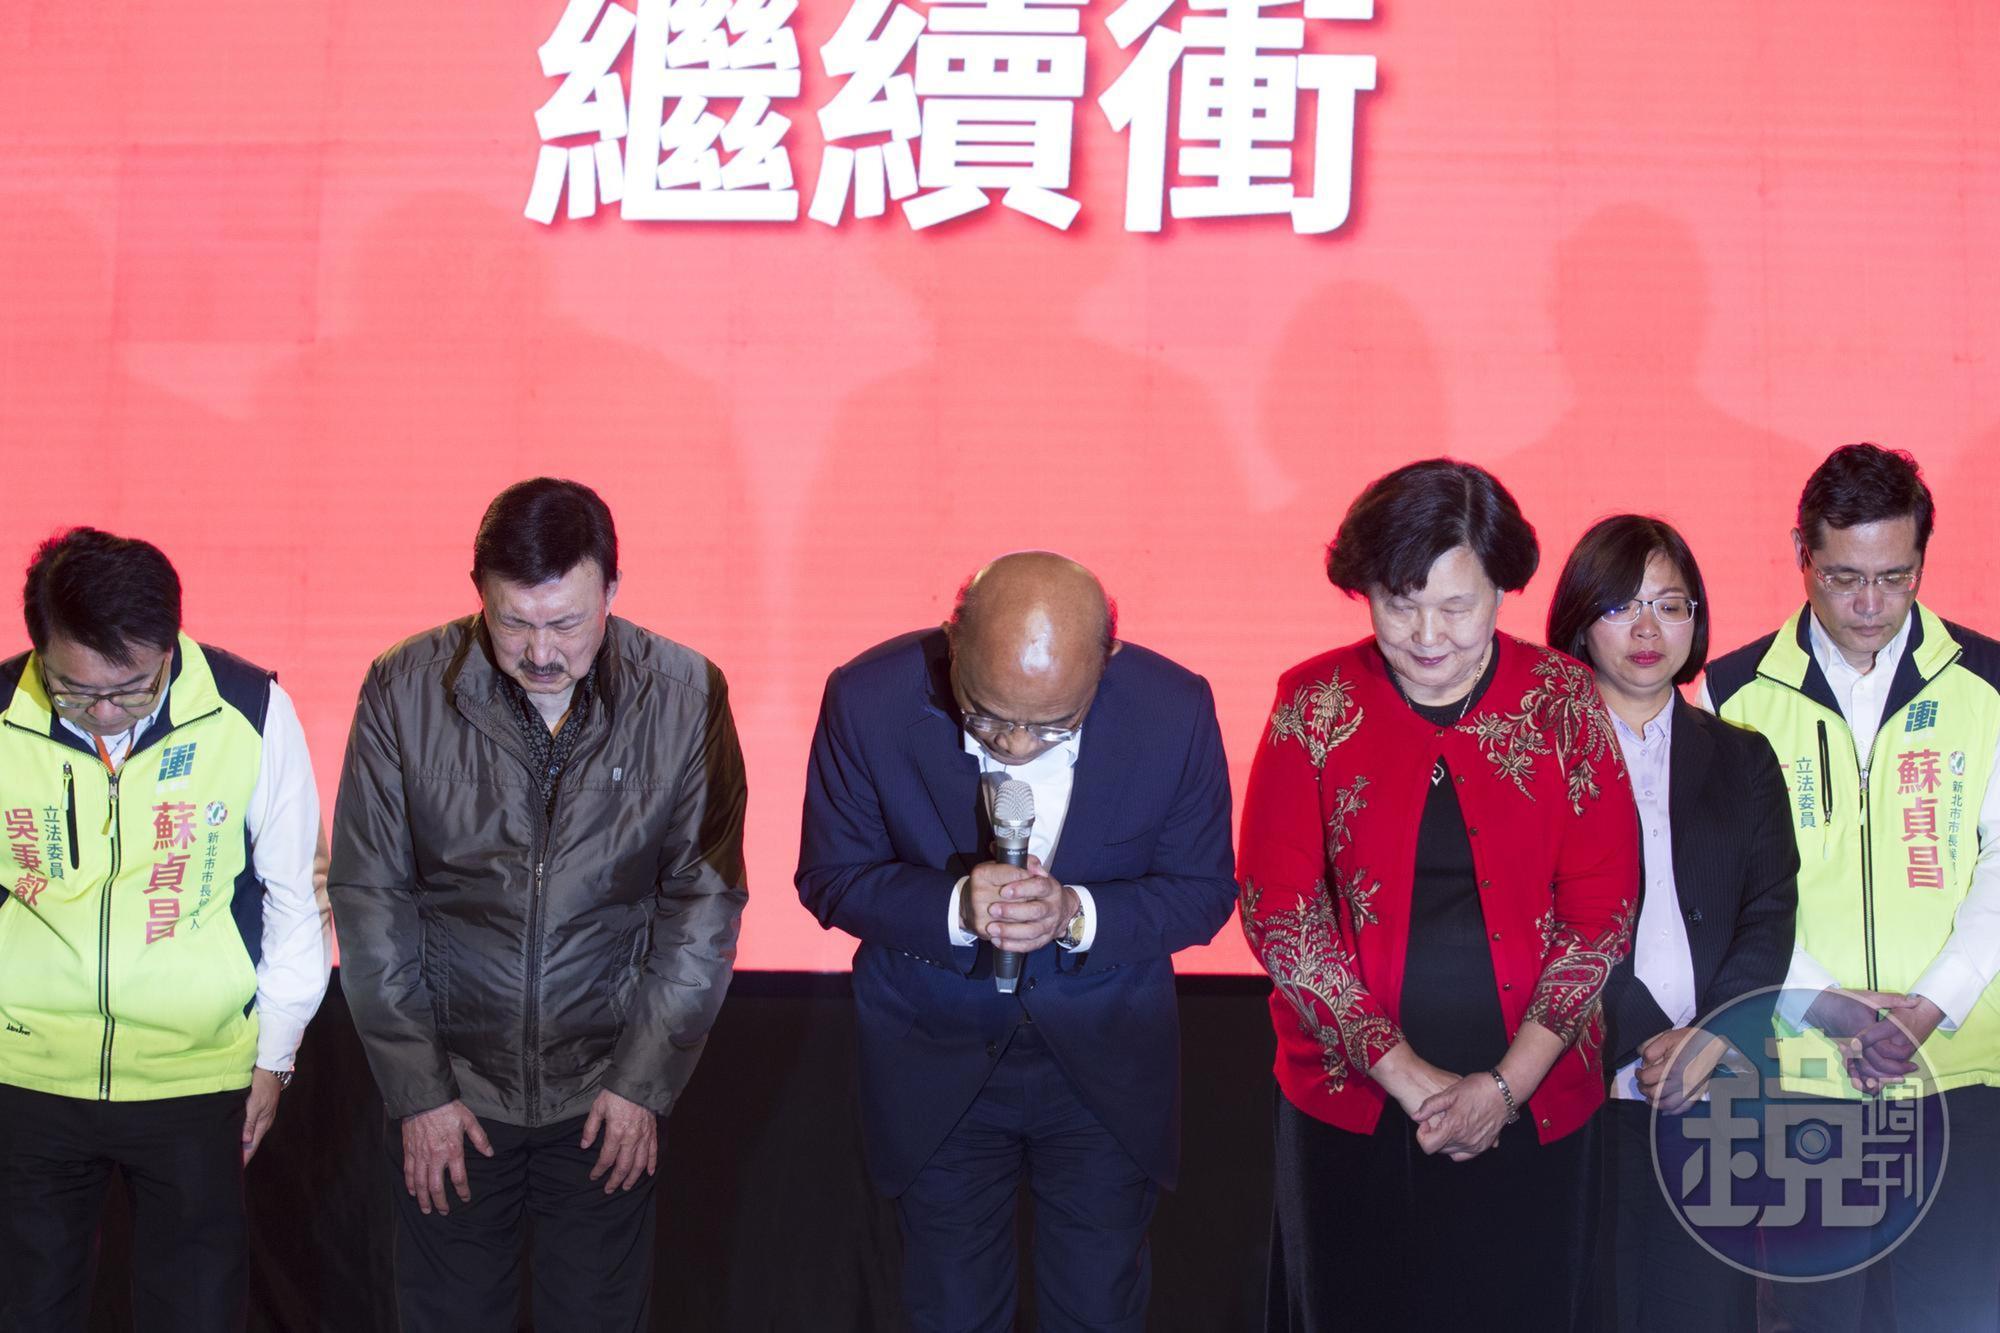 開票之夜,蘇貞昌發表落選感言,在台上深深一鞠躬,不忘鼓勵人民要持續對台灣的民主與未來懷抱信心。